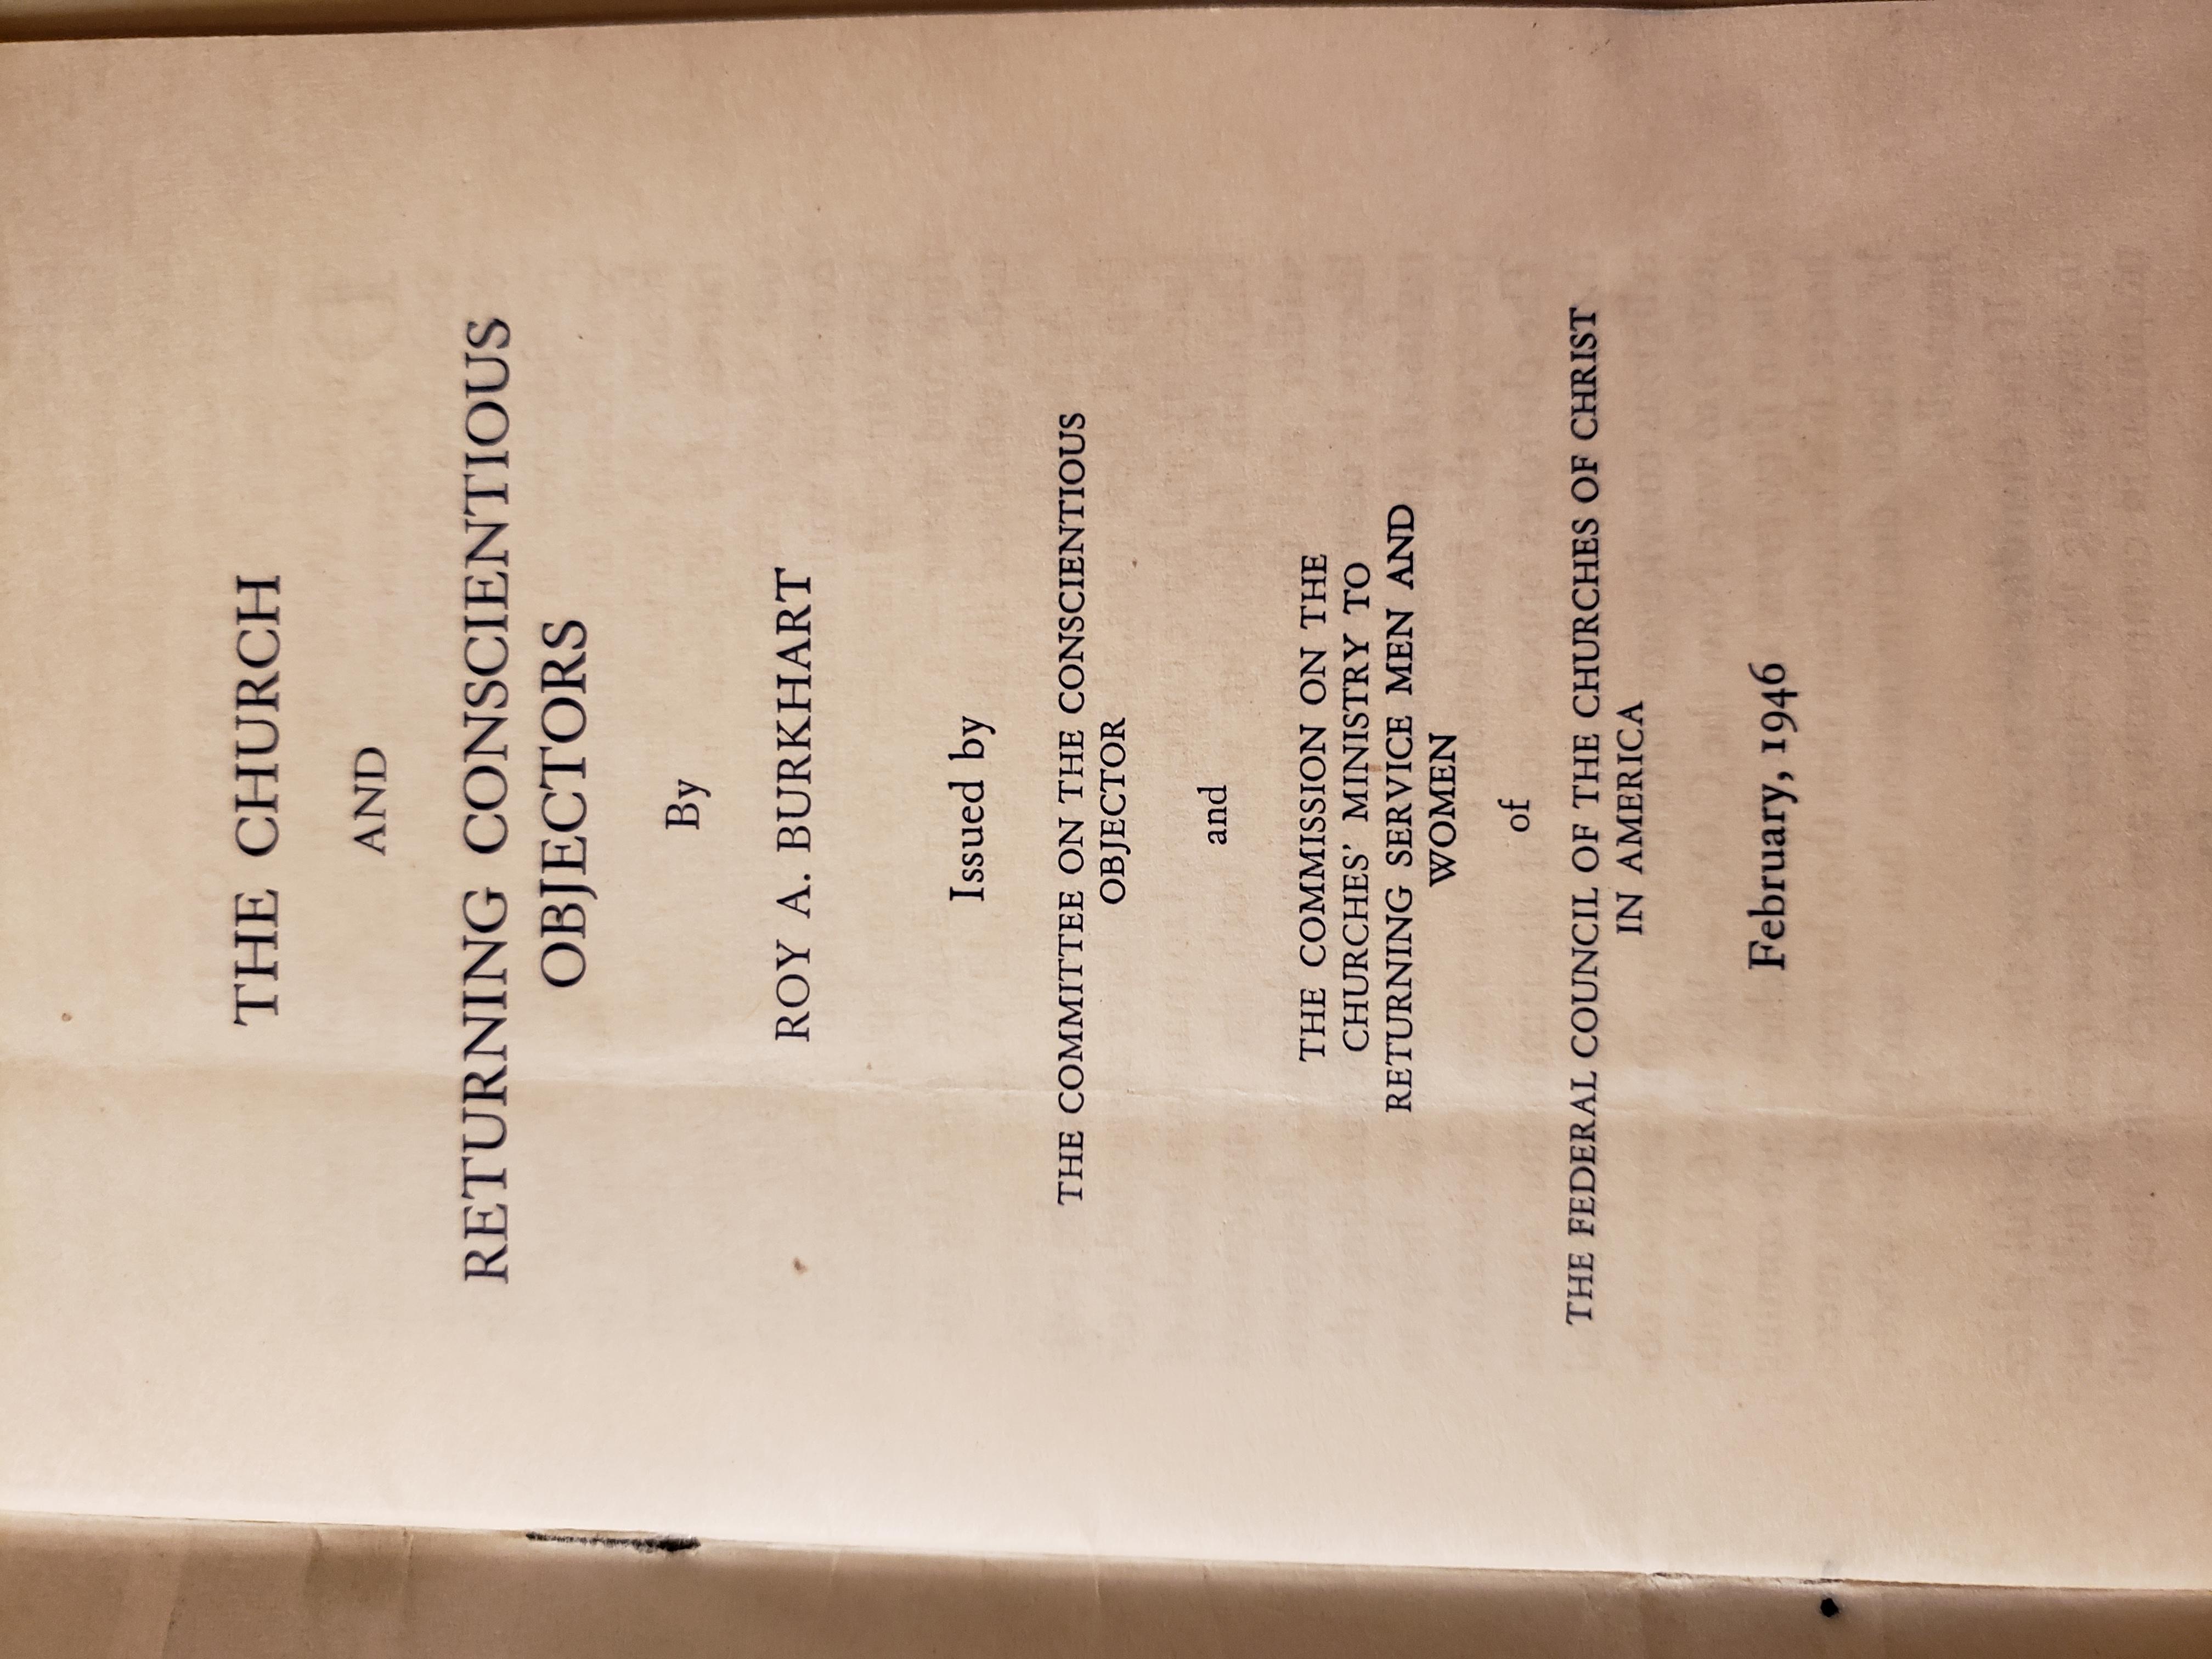 Conscientious Objectors Pamphlet